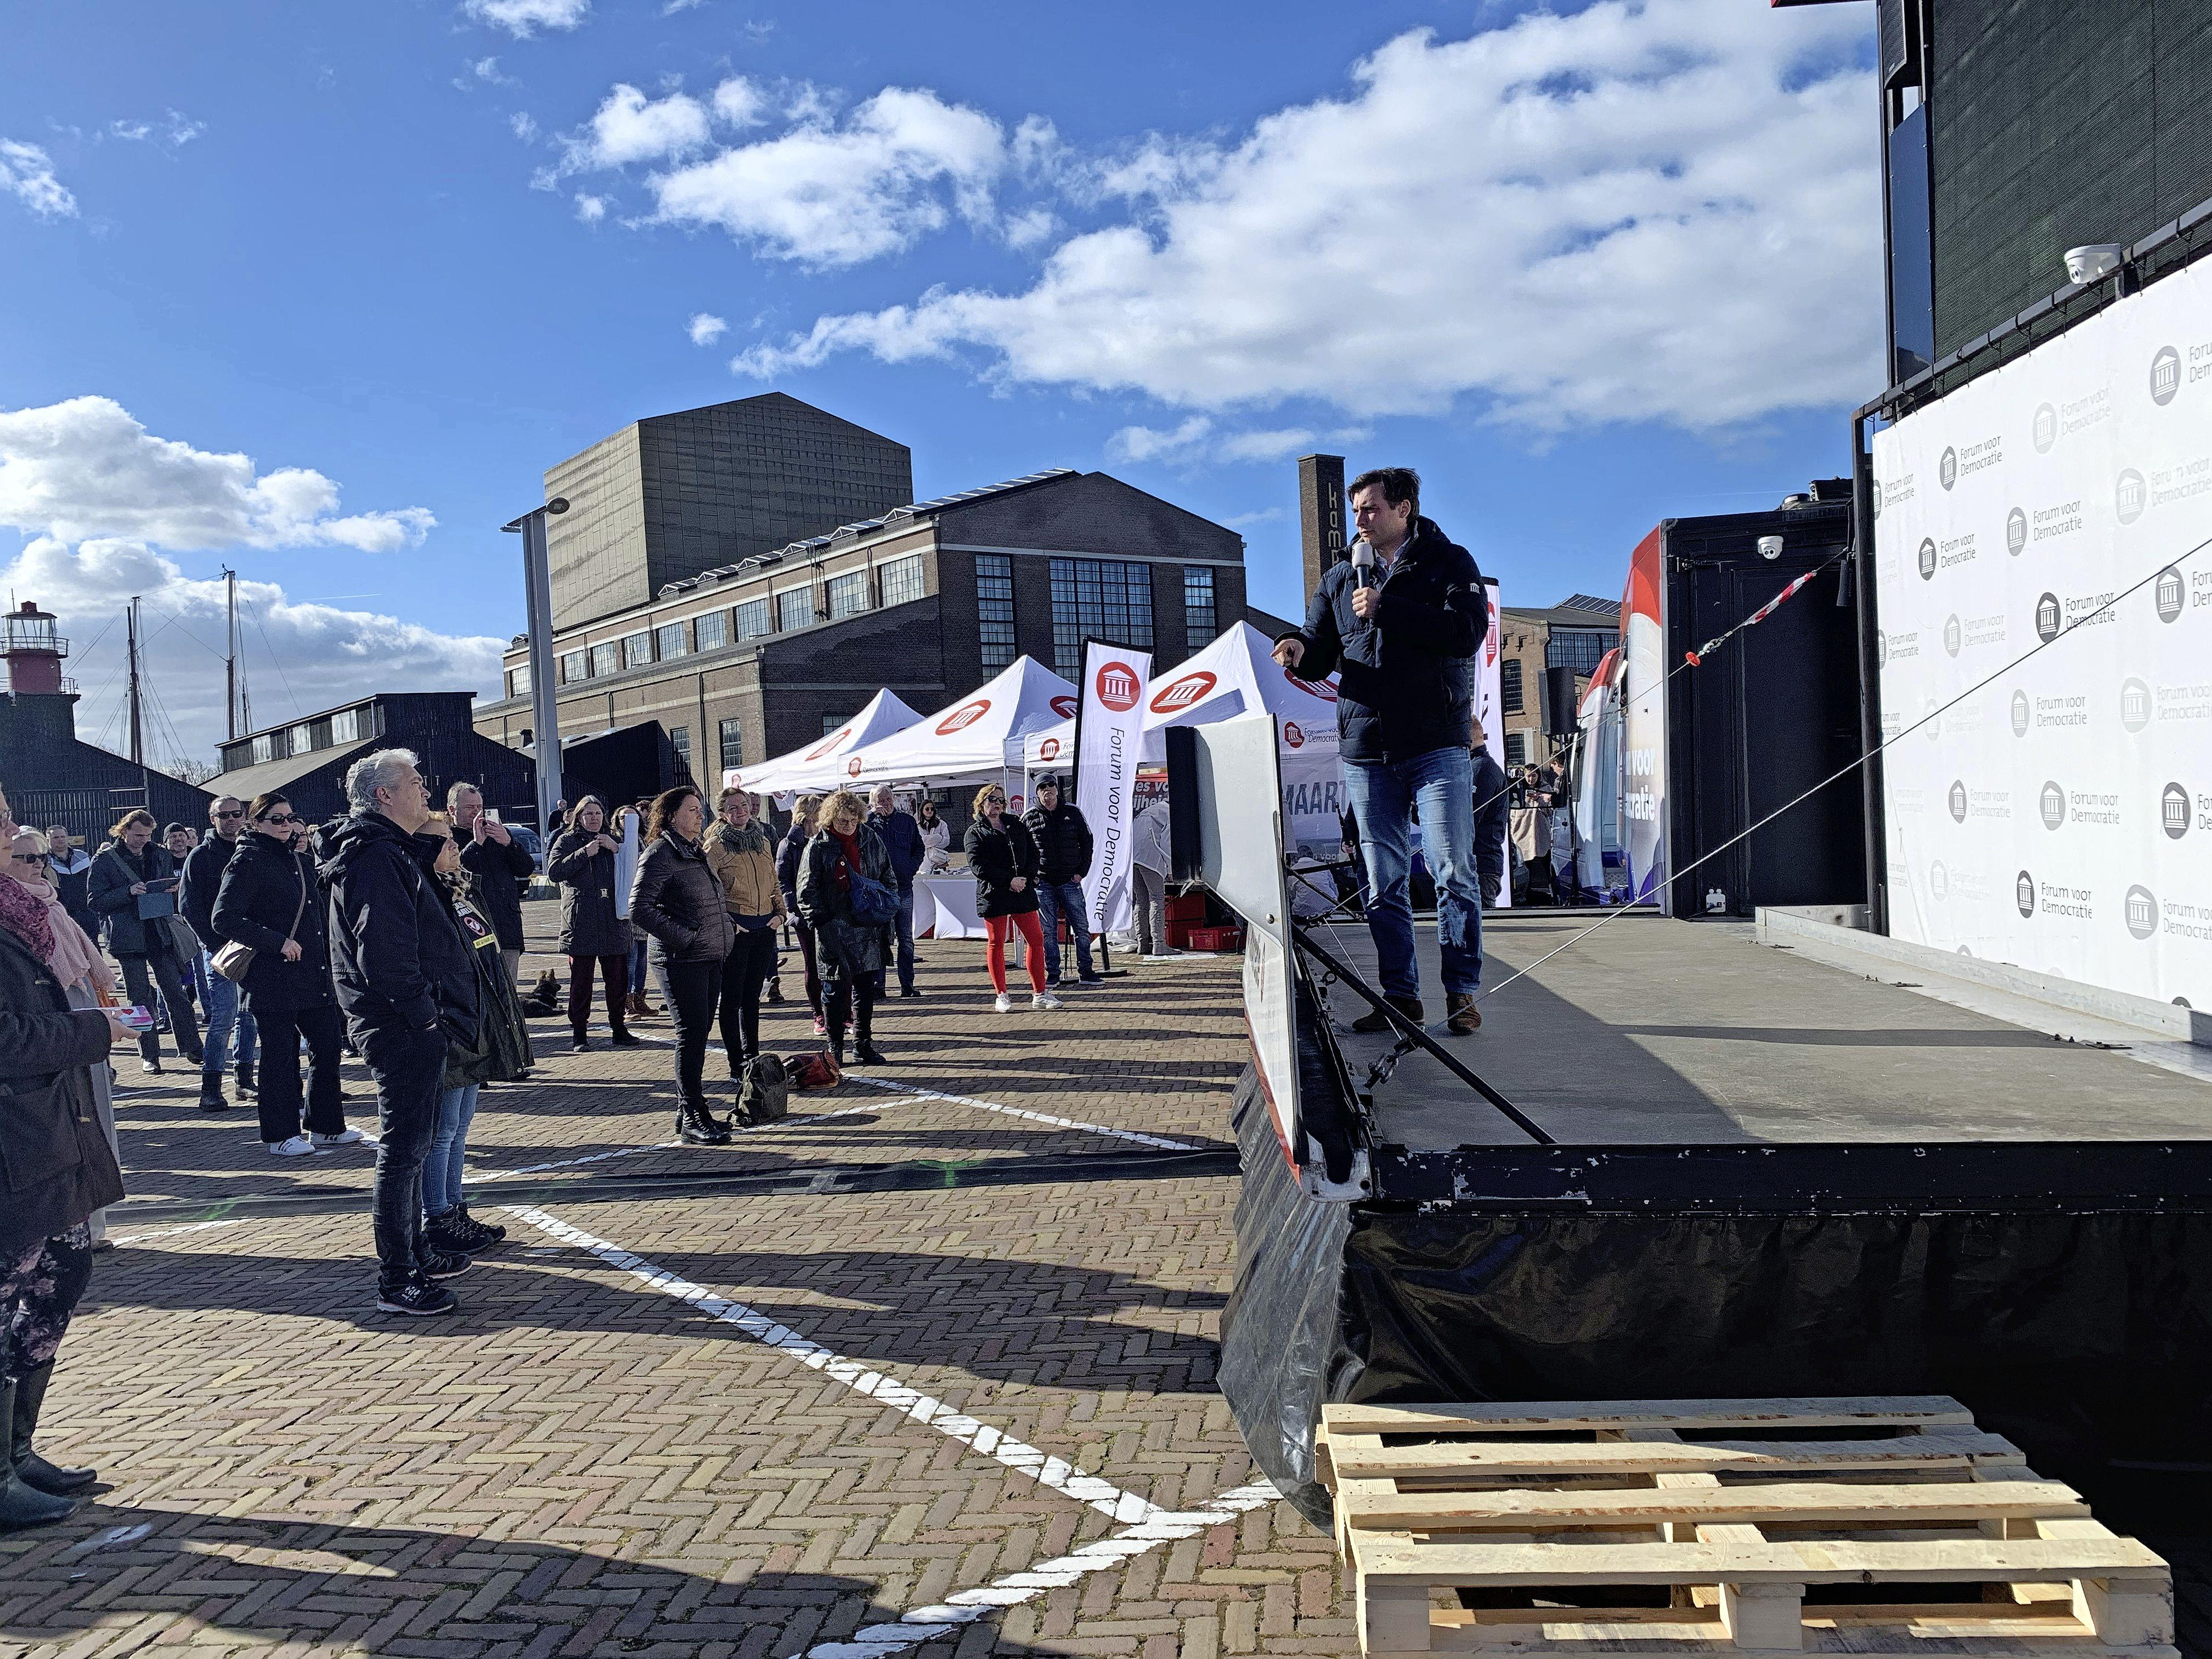 Forum voor Democratie op tournee in Den Helder, 'waar het ooit is begonnen': 'Thierry Baudet is hier populair omdat hij geen sprookjes vertelt'